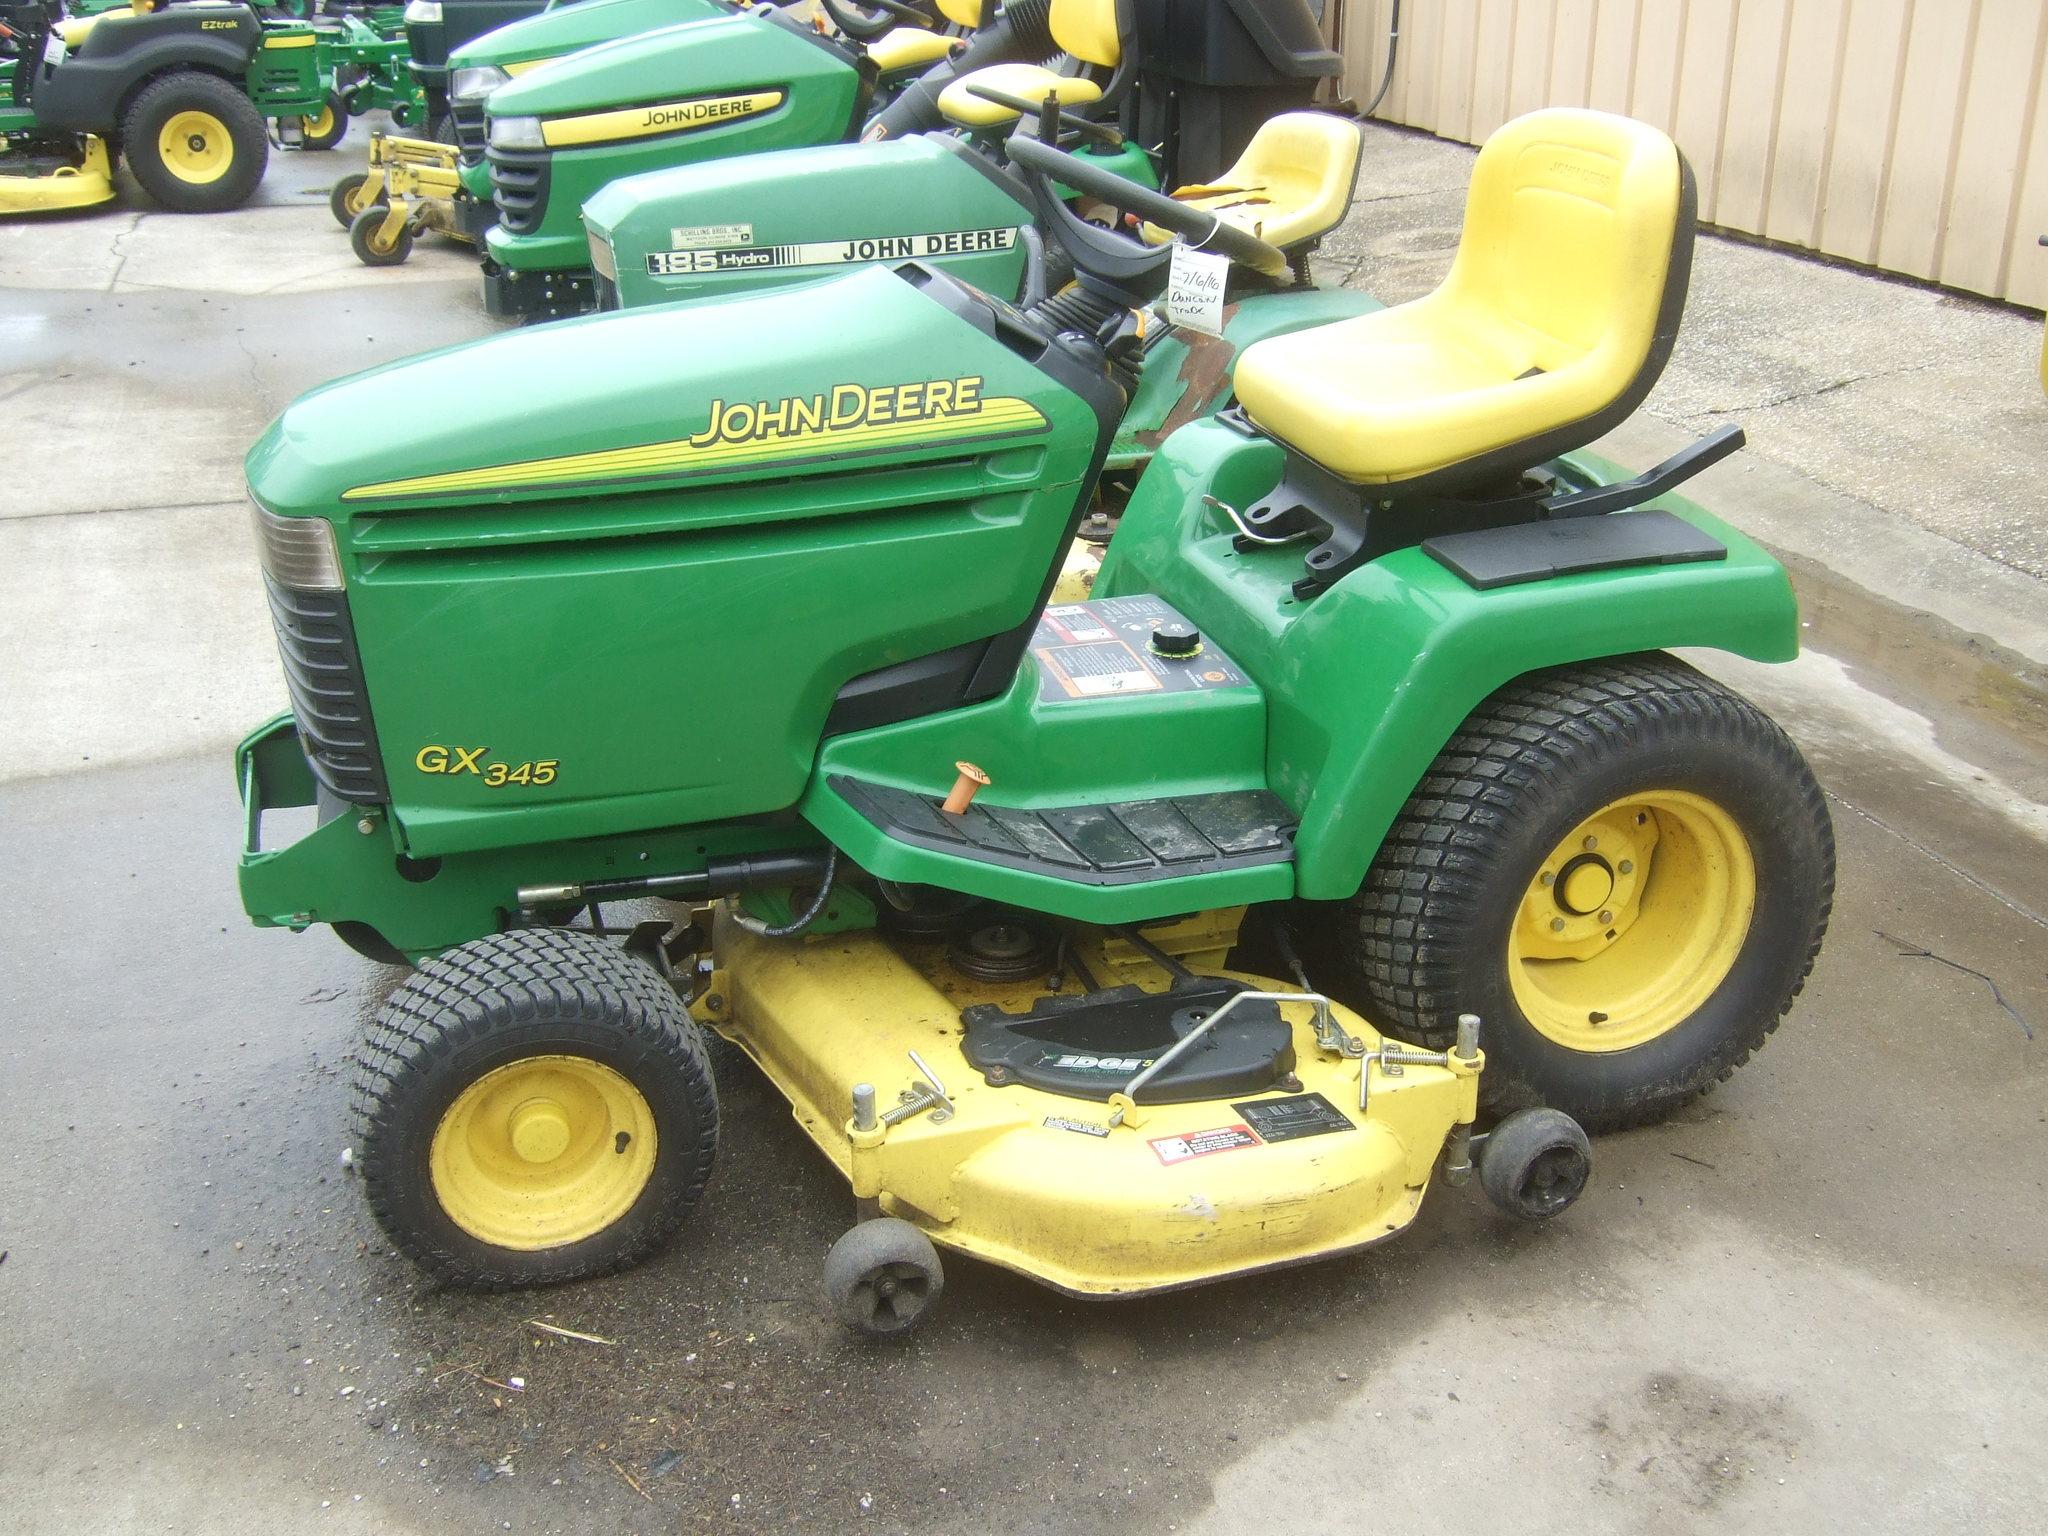 John Deere GX345 Lawn & Garden Tractors for Sale | [61094]